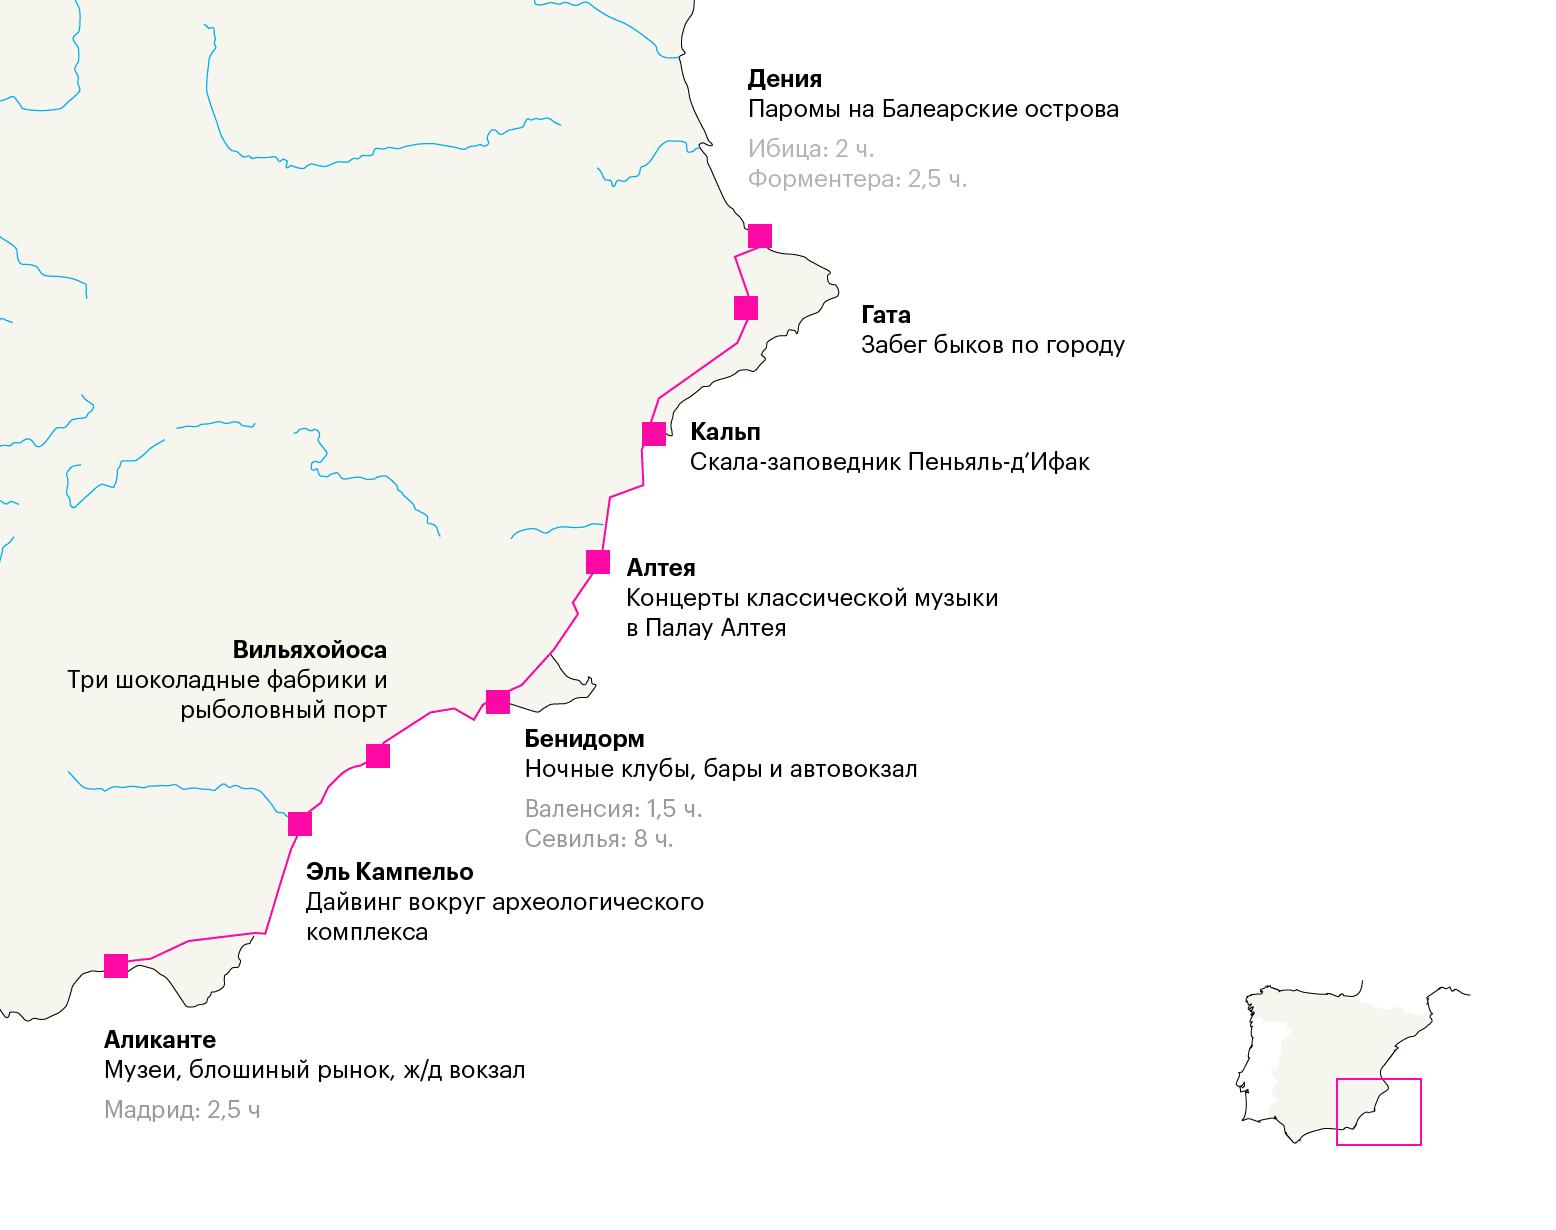 От Аликанте до Дении — 94 км по побережью Коста-Бланка